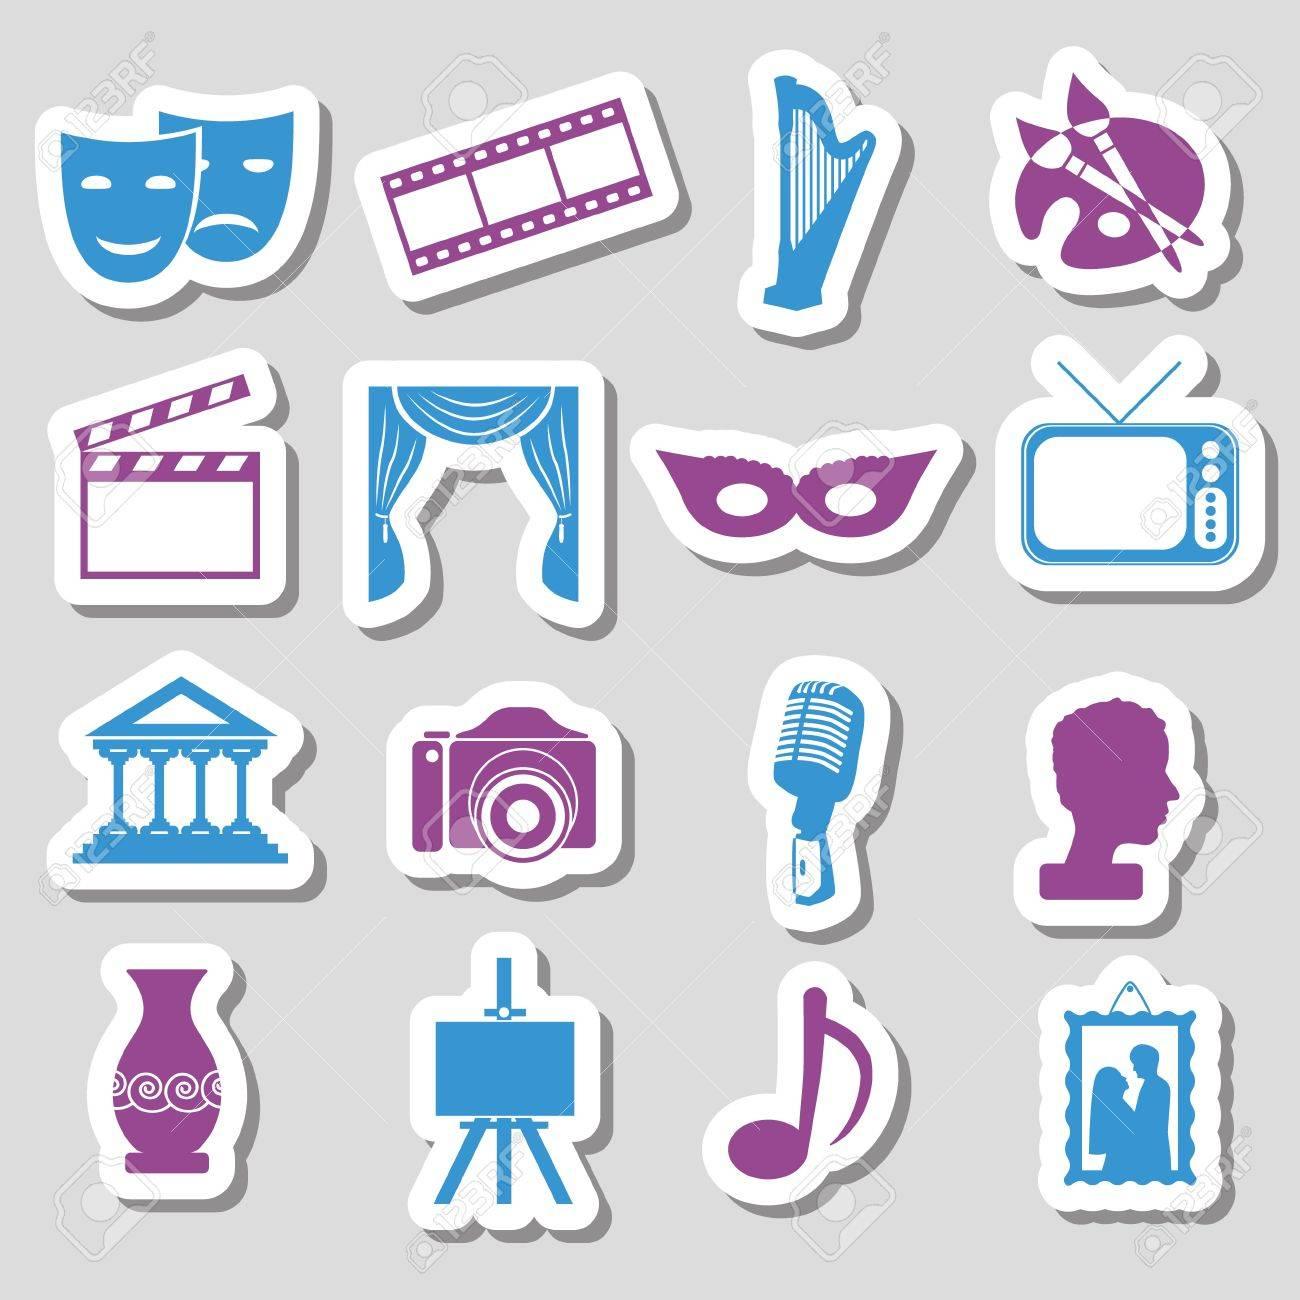 culture stickers - 17211669